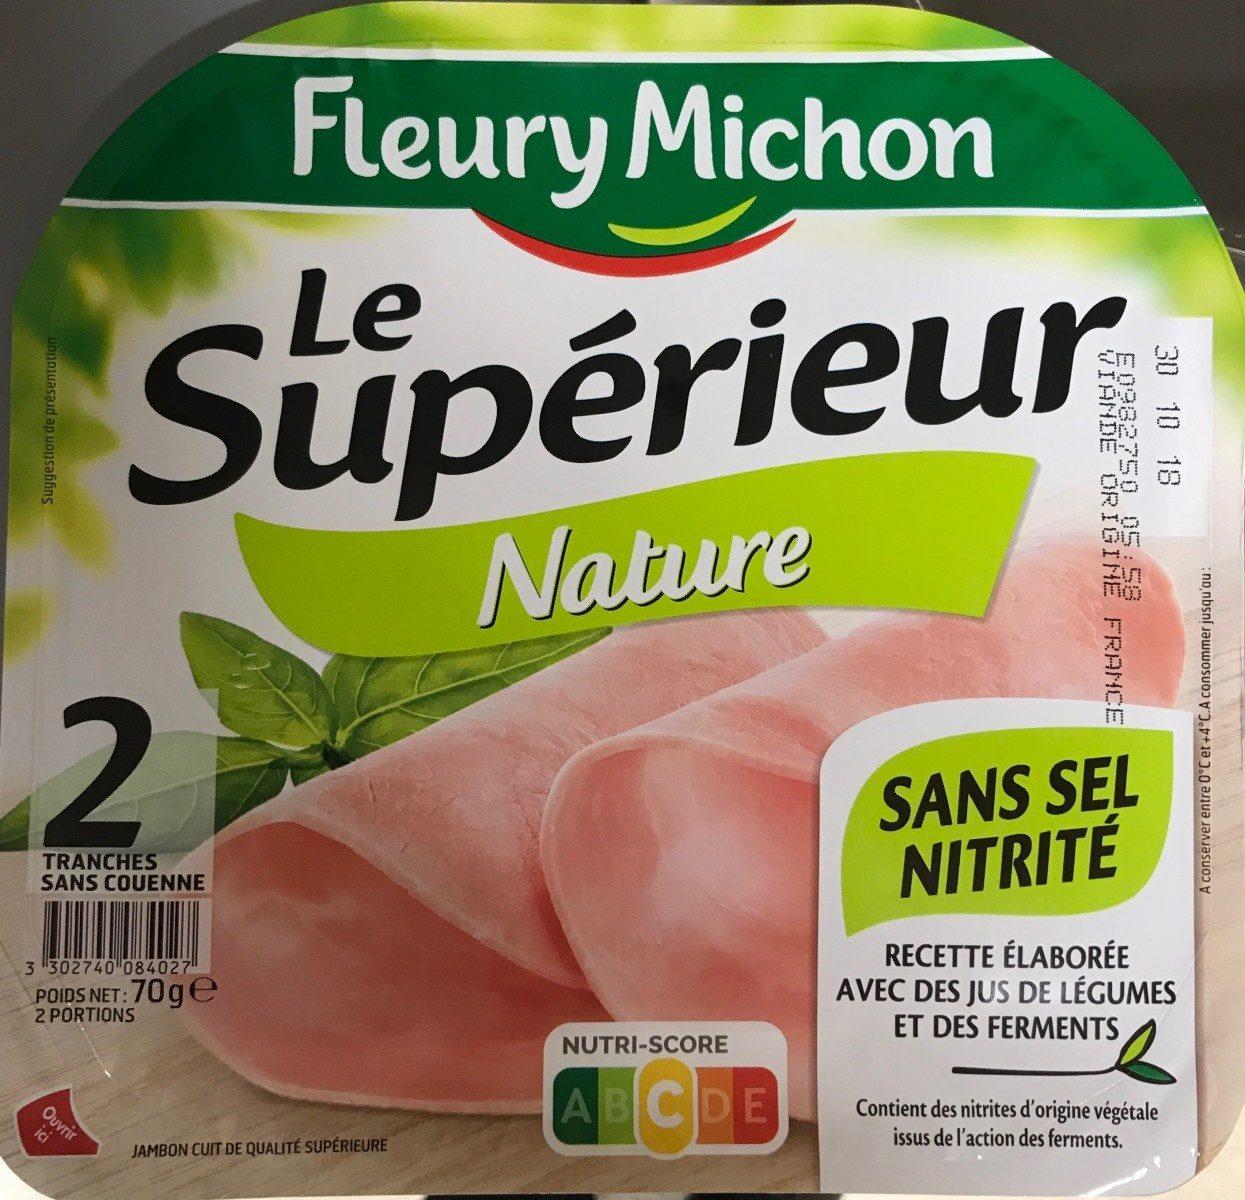 Le superieur nature - Product